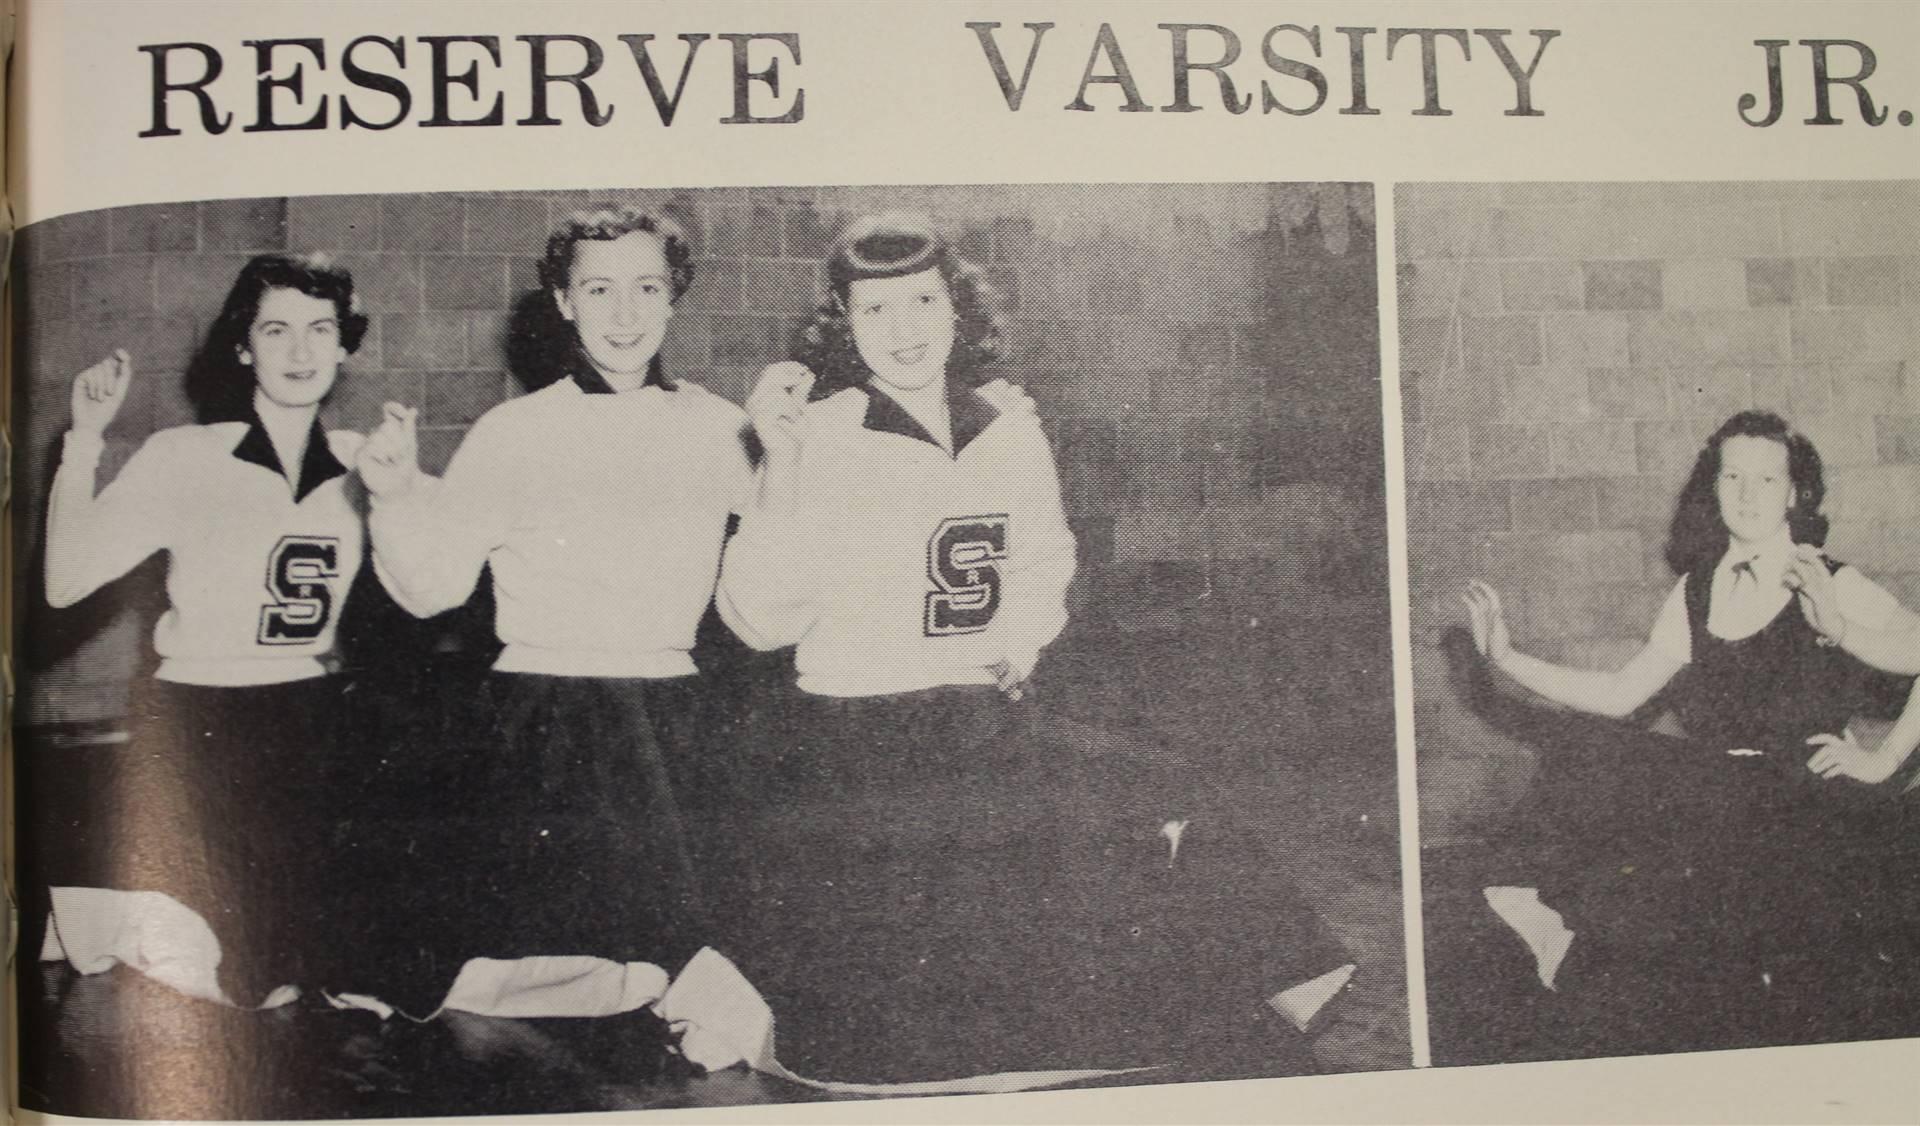 1954  Reserve Cheerleading